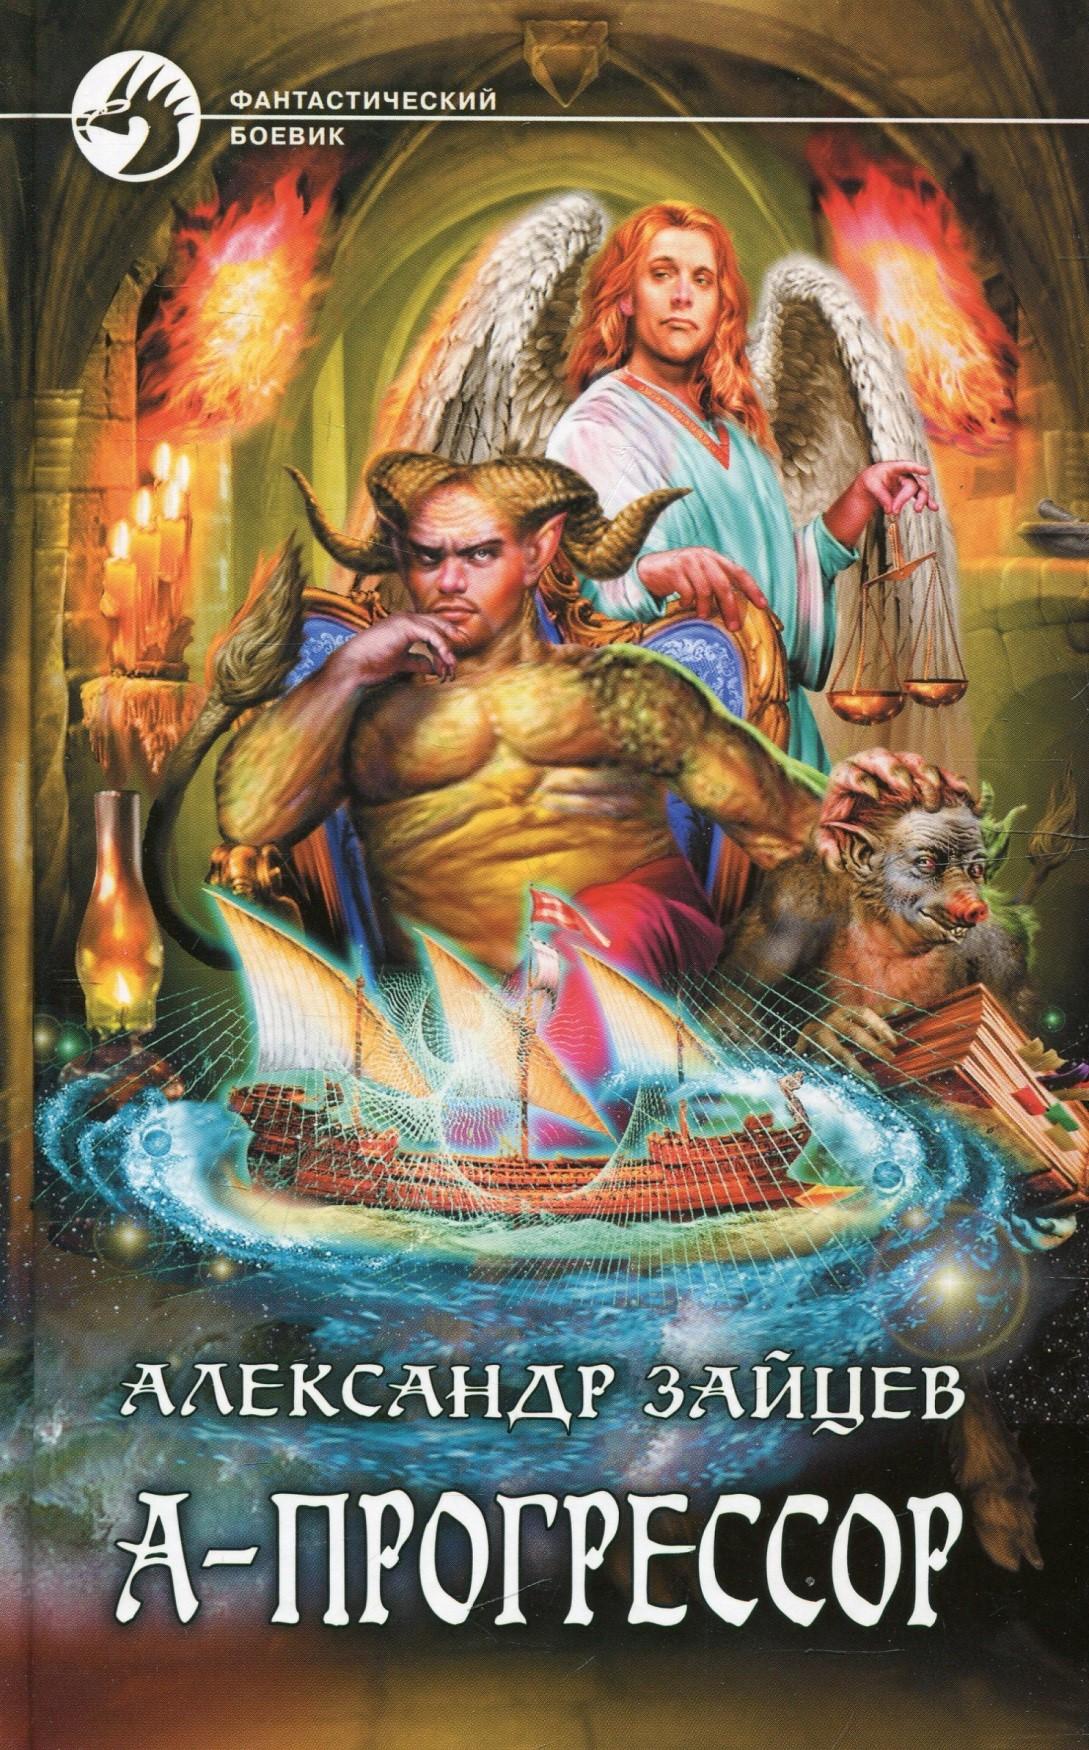 Зайцев Алескандер А-Прогрессор